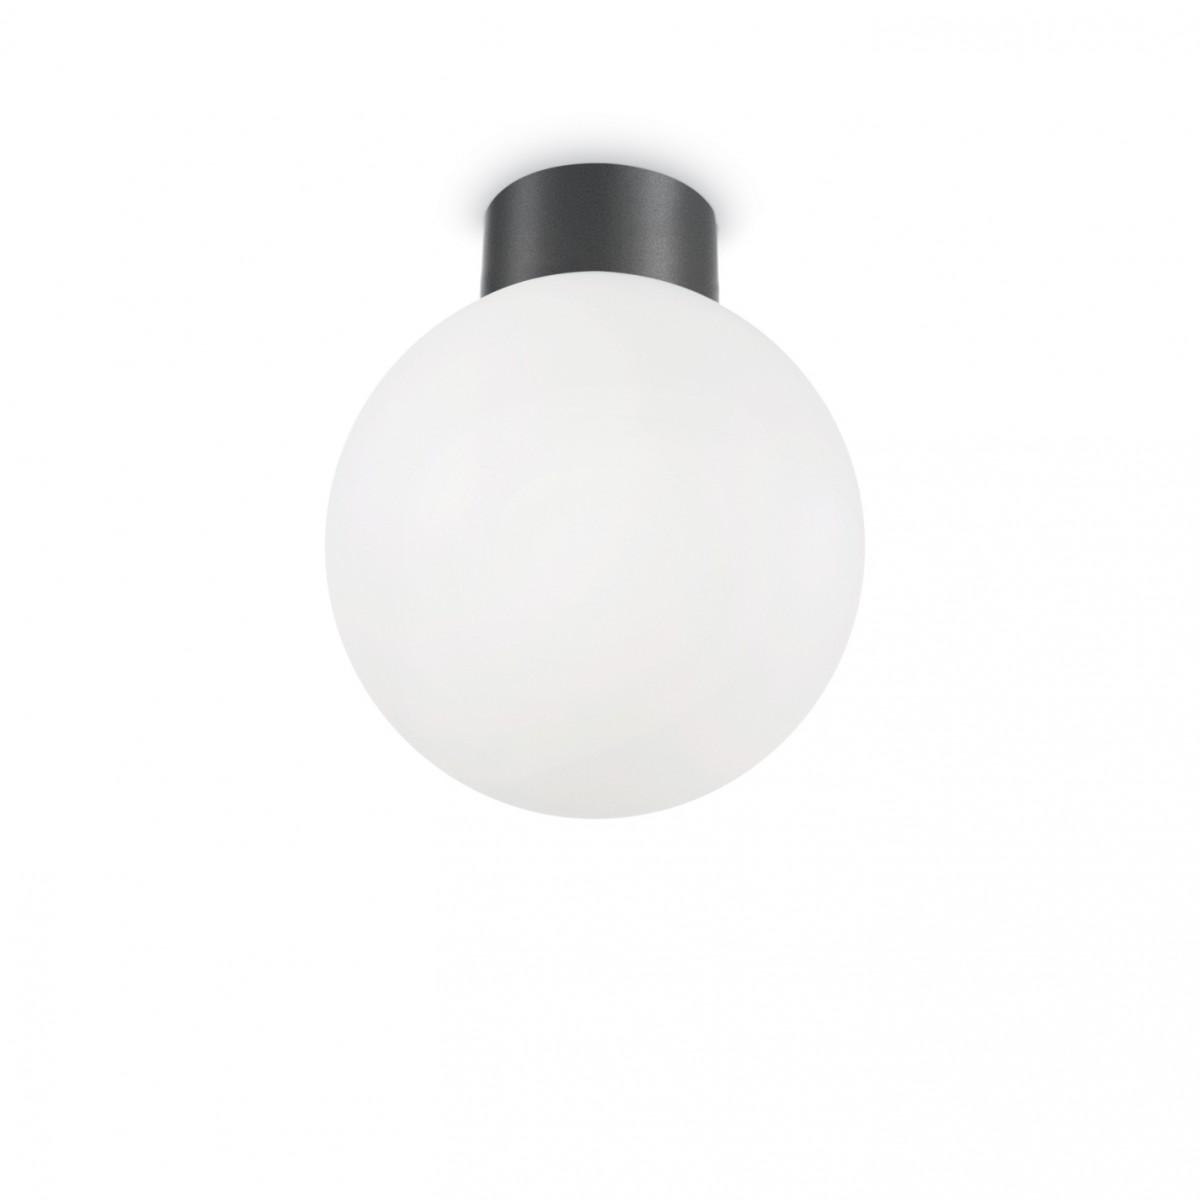 venkovní stropní lampa Ideal Lux Symphony PL1 144207 1x60W E27 - komplexní venkovní osvětlení